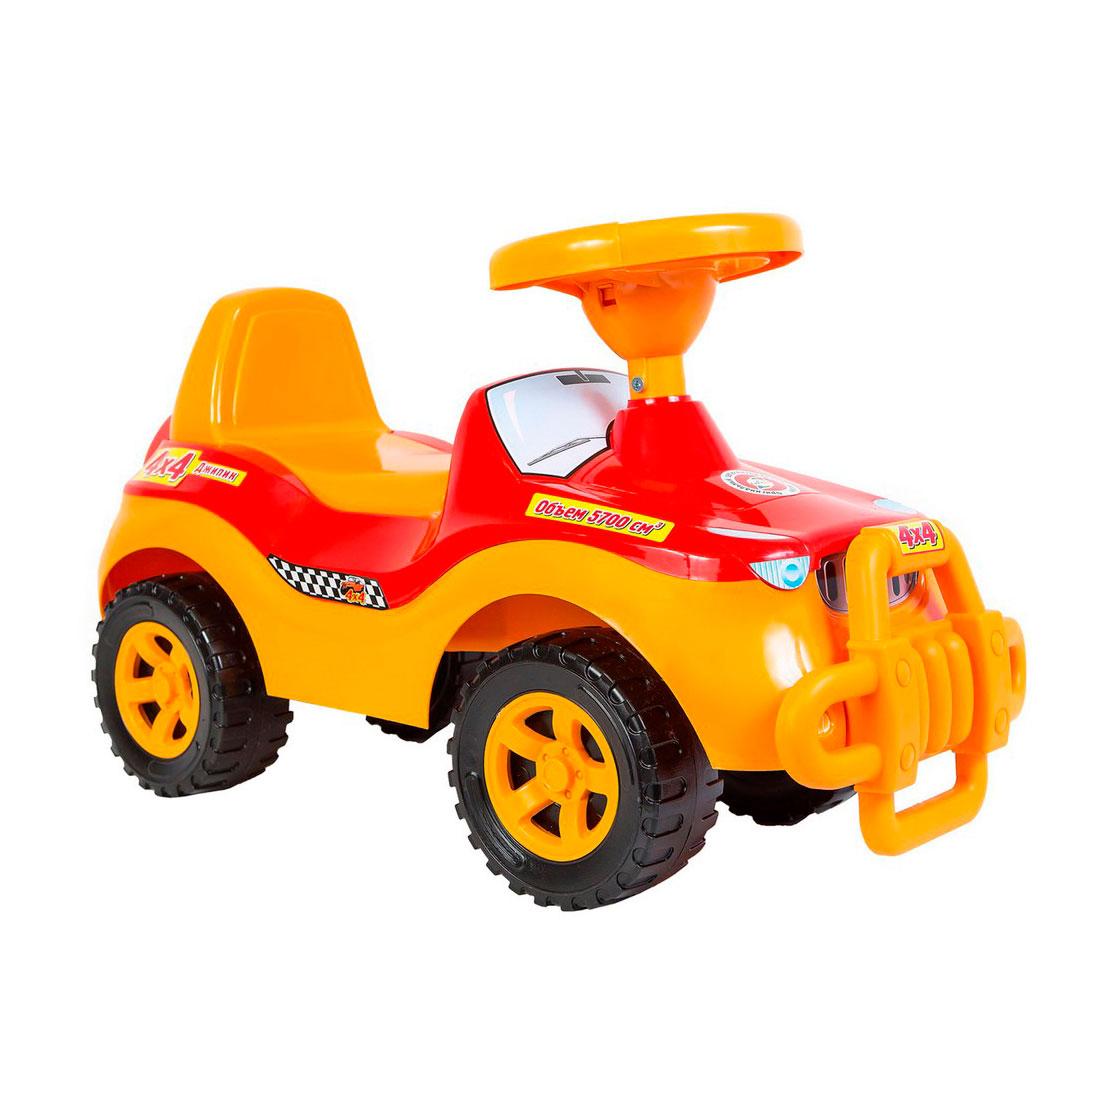 Каталка-автомобиль RT Джипик ОР105 с клаксоном Красная<br>